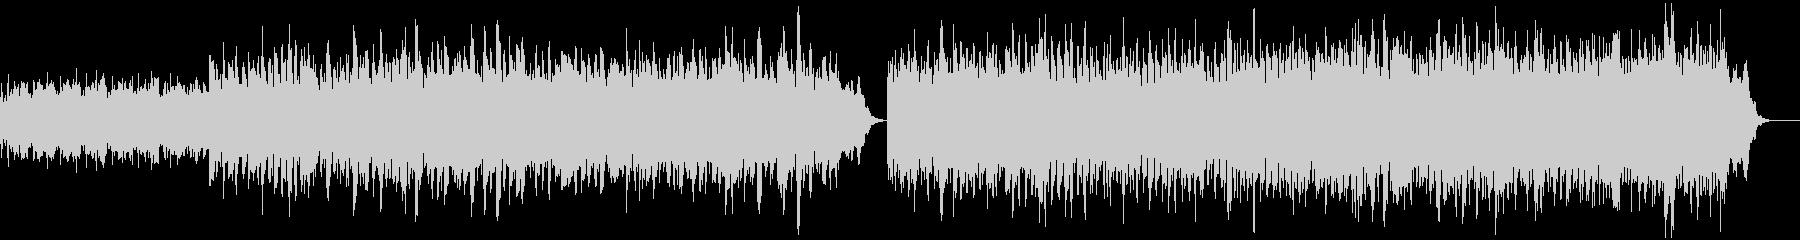 プログレッシブ 交響曲 エピック ...の未再生の波形